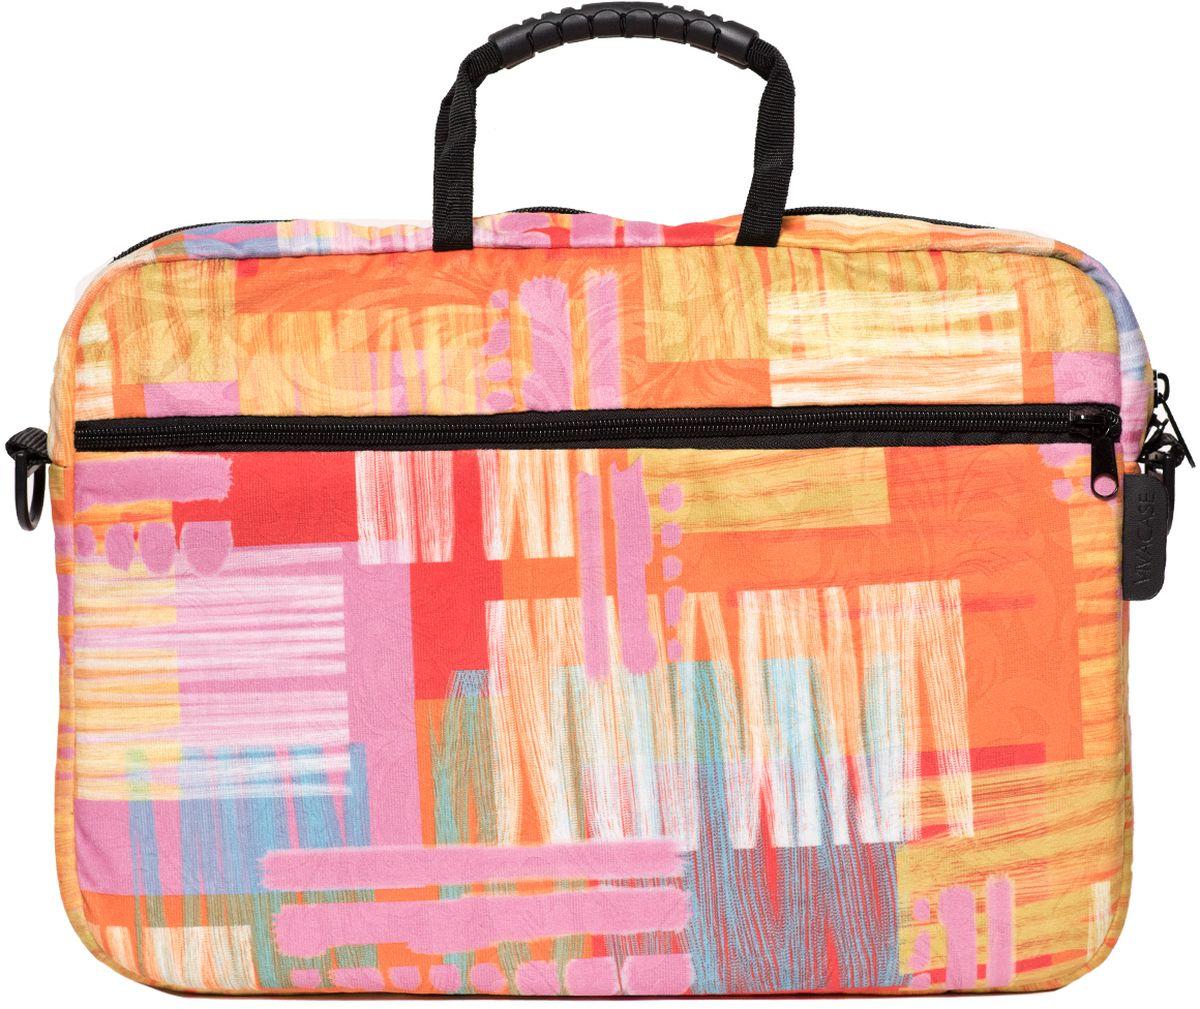 Vivacase Harlequin, Orange сумка для ноутбука 15,6VCN-CHC15-orСумка для ноутбуков диагональю 15.6 дюймов стильная и эргономичная. Стильный дизайн неизбежно привлечет внимание и поможет ее владельцу выделиться из толпы.Сумка для ноутбука сшита из бархатистой мебельной ткани устойчивой к загрязнениям и истиранию. Не стоить бояться, что изделие быстро потеряет товарный вид. При изготовлении аксессуаров Vivacase используются только качественные материалы от проверенных поставщиков. Сумке не страшны ни грязь, ни осадки благодаря специальной водо - и грязеотталкивающей пропитке. Ее достаточно протереть влажной тряпочкой, чтобы избавиться от пятен.Основа сумки - специальный пористый противоударный материал двойного сложения, который отлично защищает ноутбук от тряски в дороге и механических повреждений. При этом сумка очень легкая и компактная. С ней удобно путешествовать. К сумке прилагается широкий наплечный ремень. Во вместительном внешнем кармане на молнии могут поместить документы формата А4 и другие аксессуары.